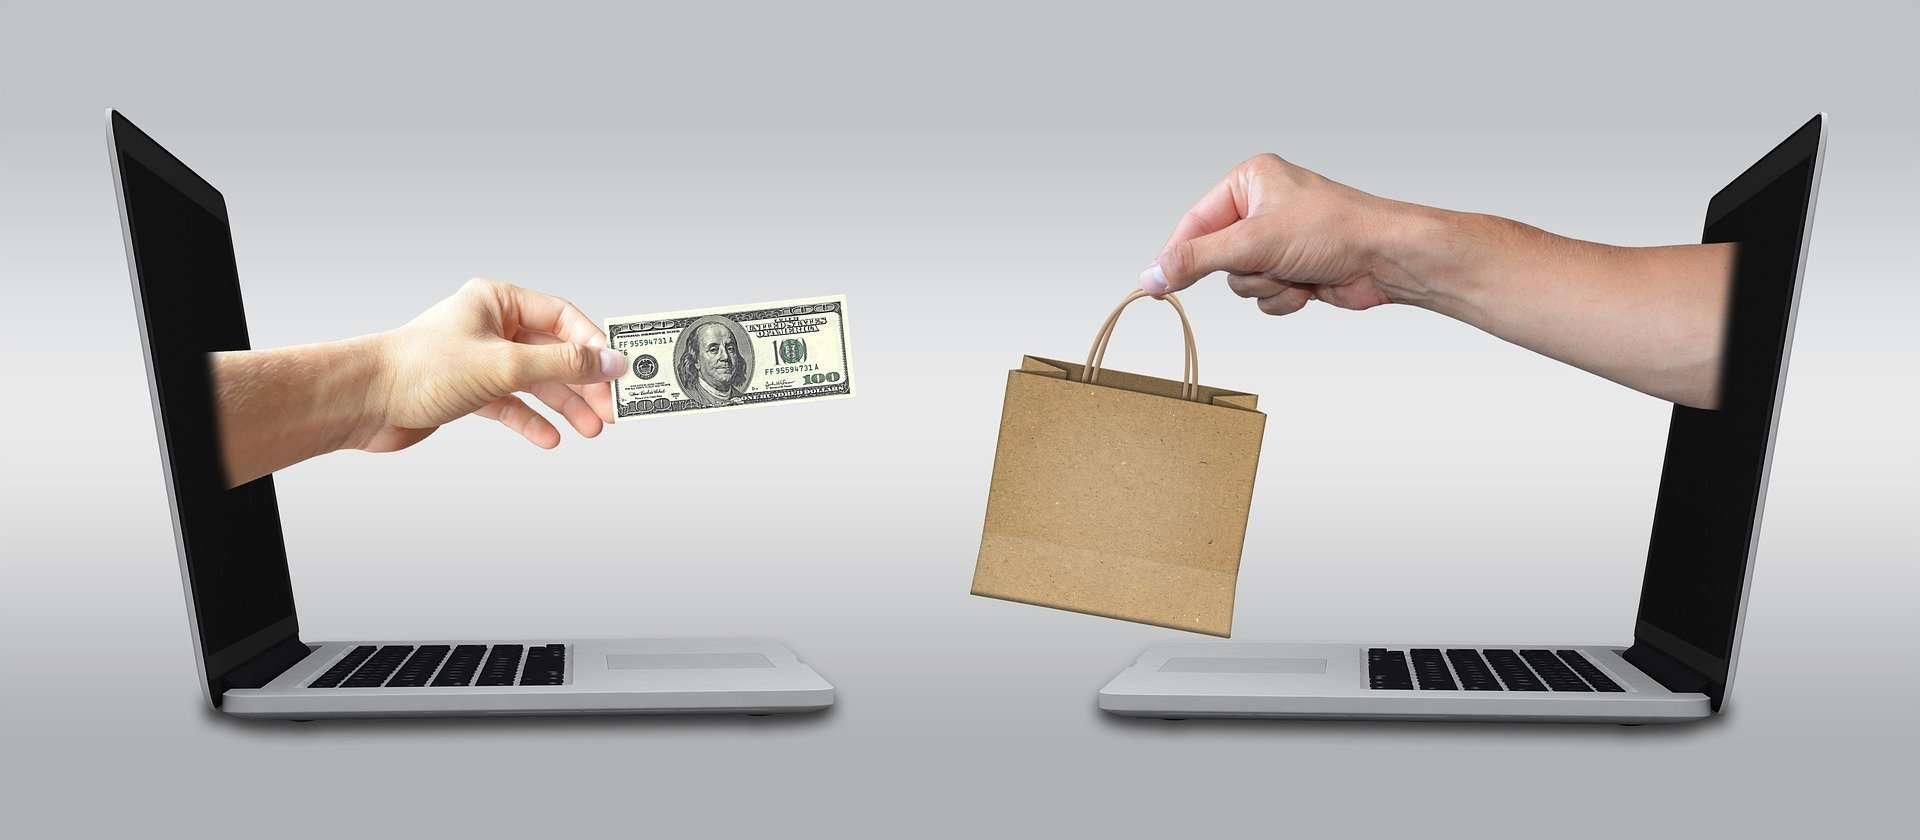 ripartire-con-successo-le-imprese-italiane-si-affidano-all-ecommerce